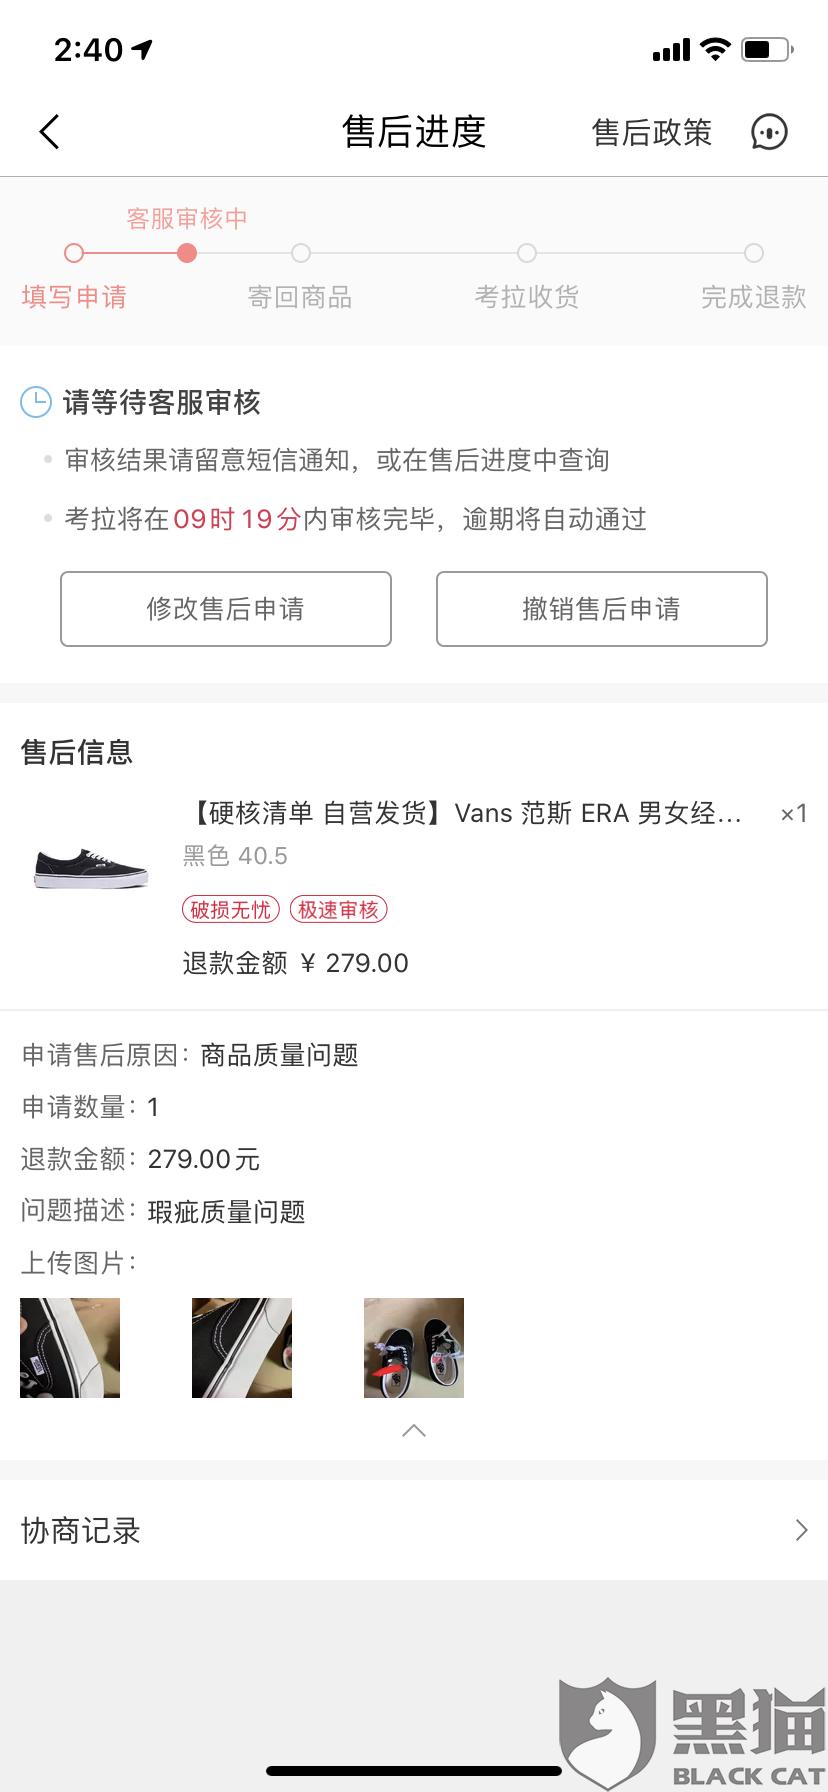 黑猫投诉:考拉海购买的Vans板鞋质量问题